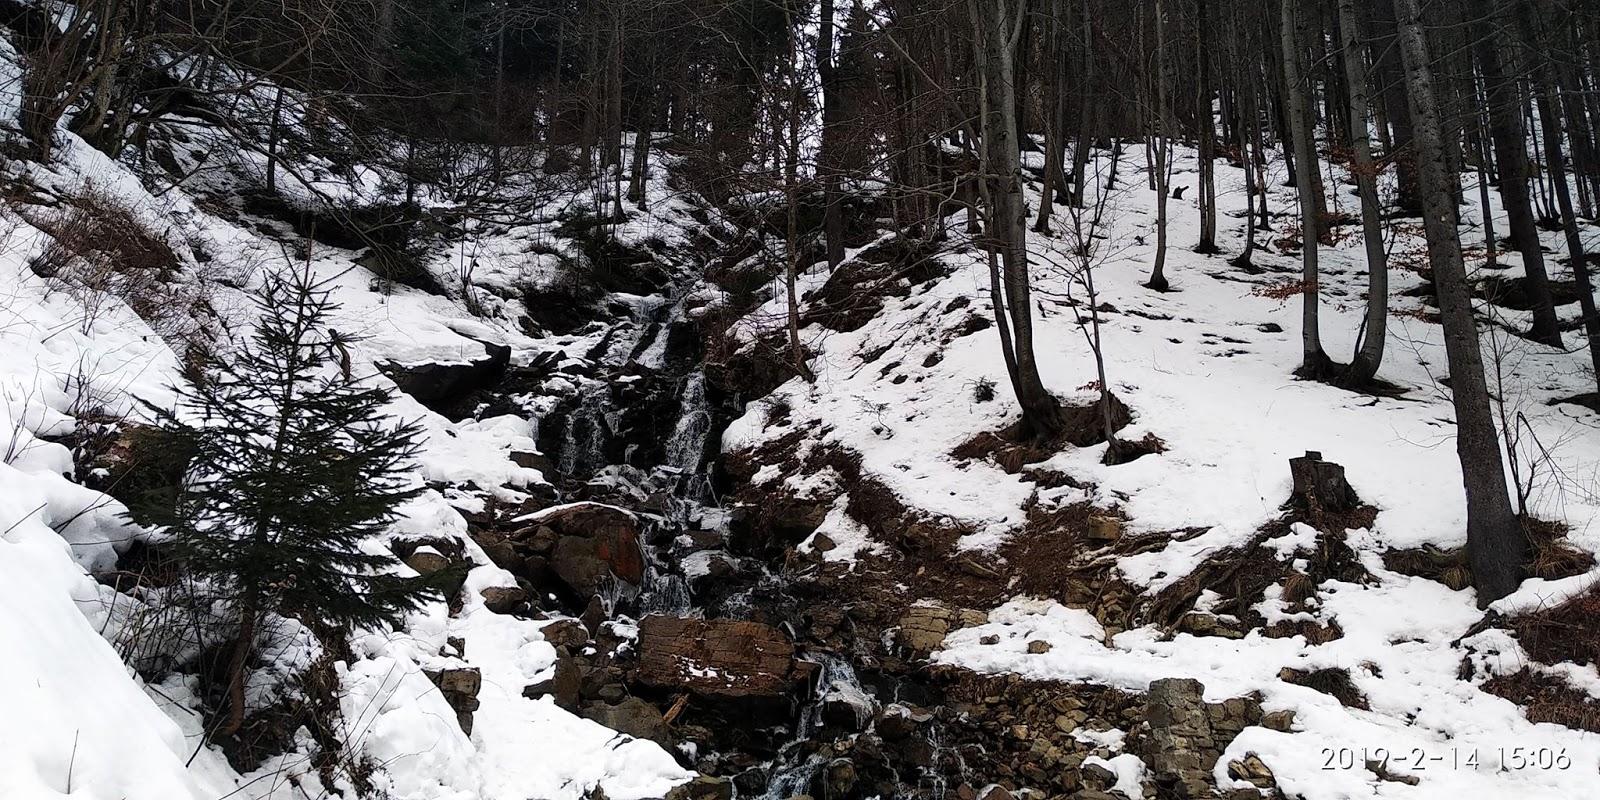 """Результат пошуку зображень за запитом """"водопад труфанец снег зима 2019"""""""